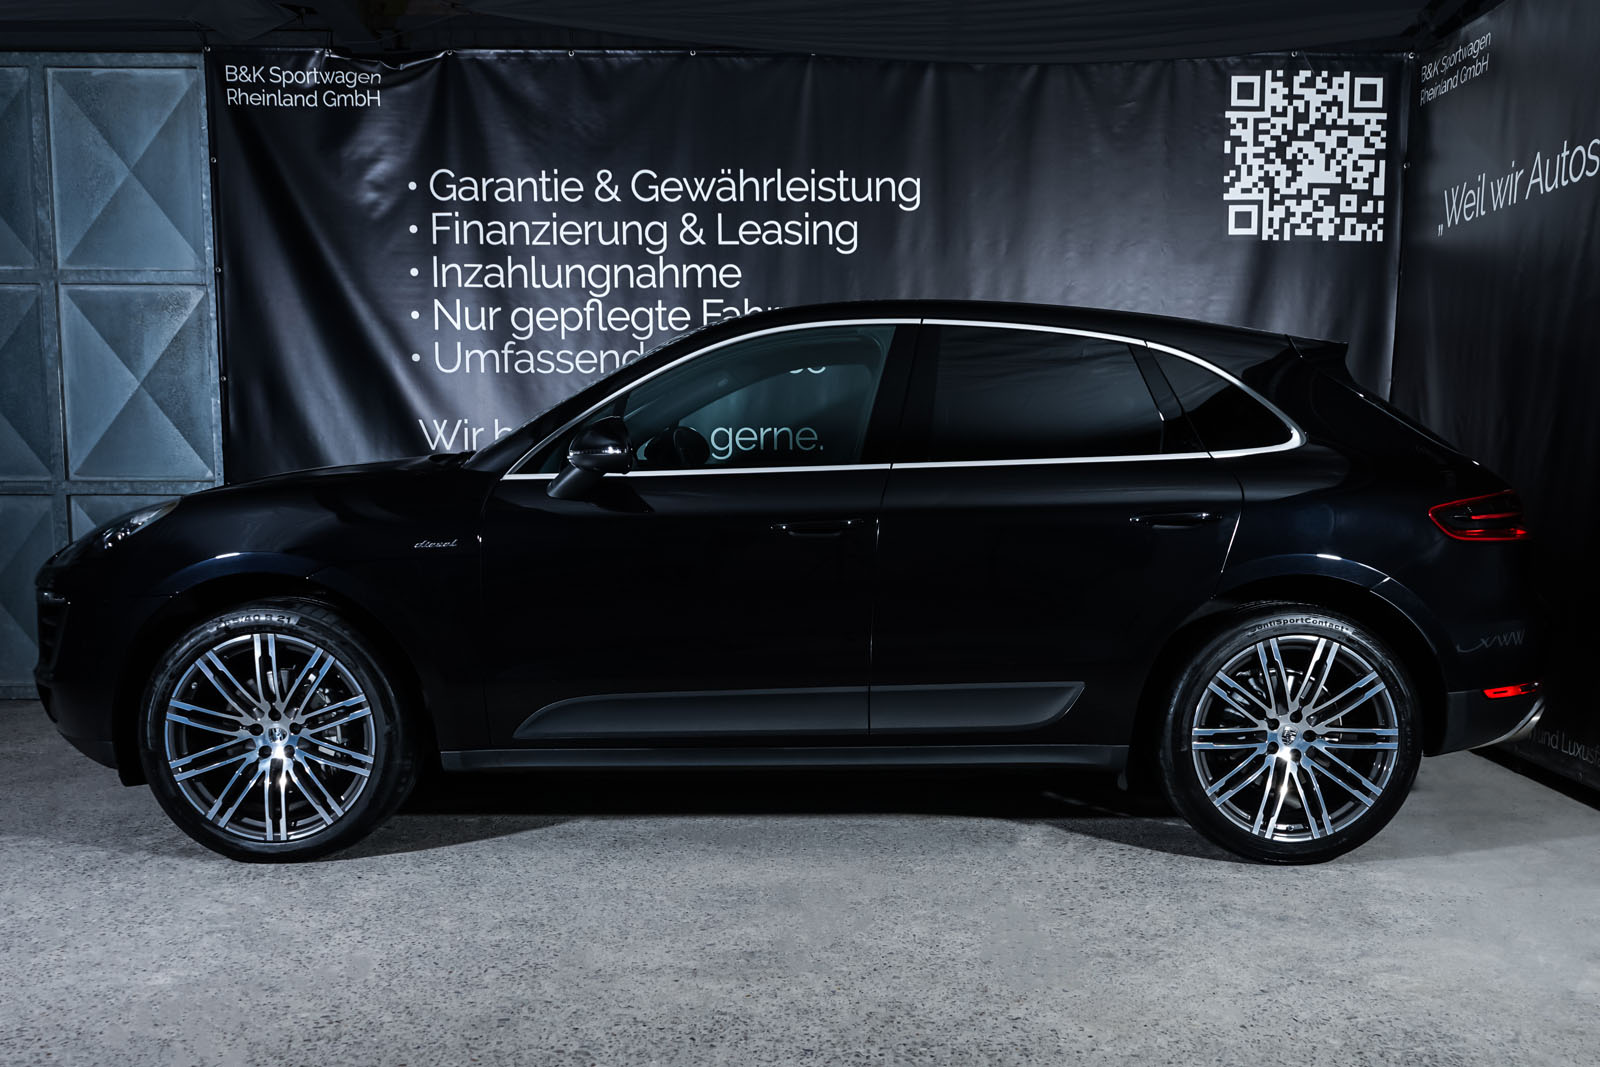 Porsche_Macan_S_Tiefschwarz_Schwarz_POR-1108_5_w